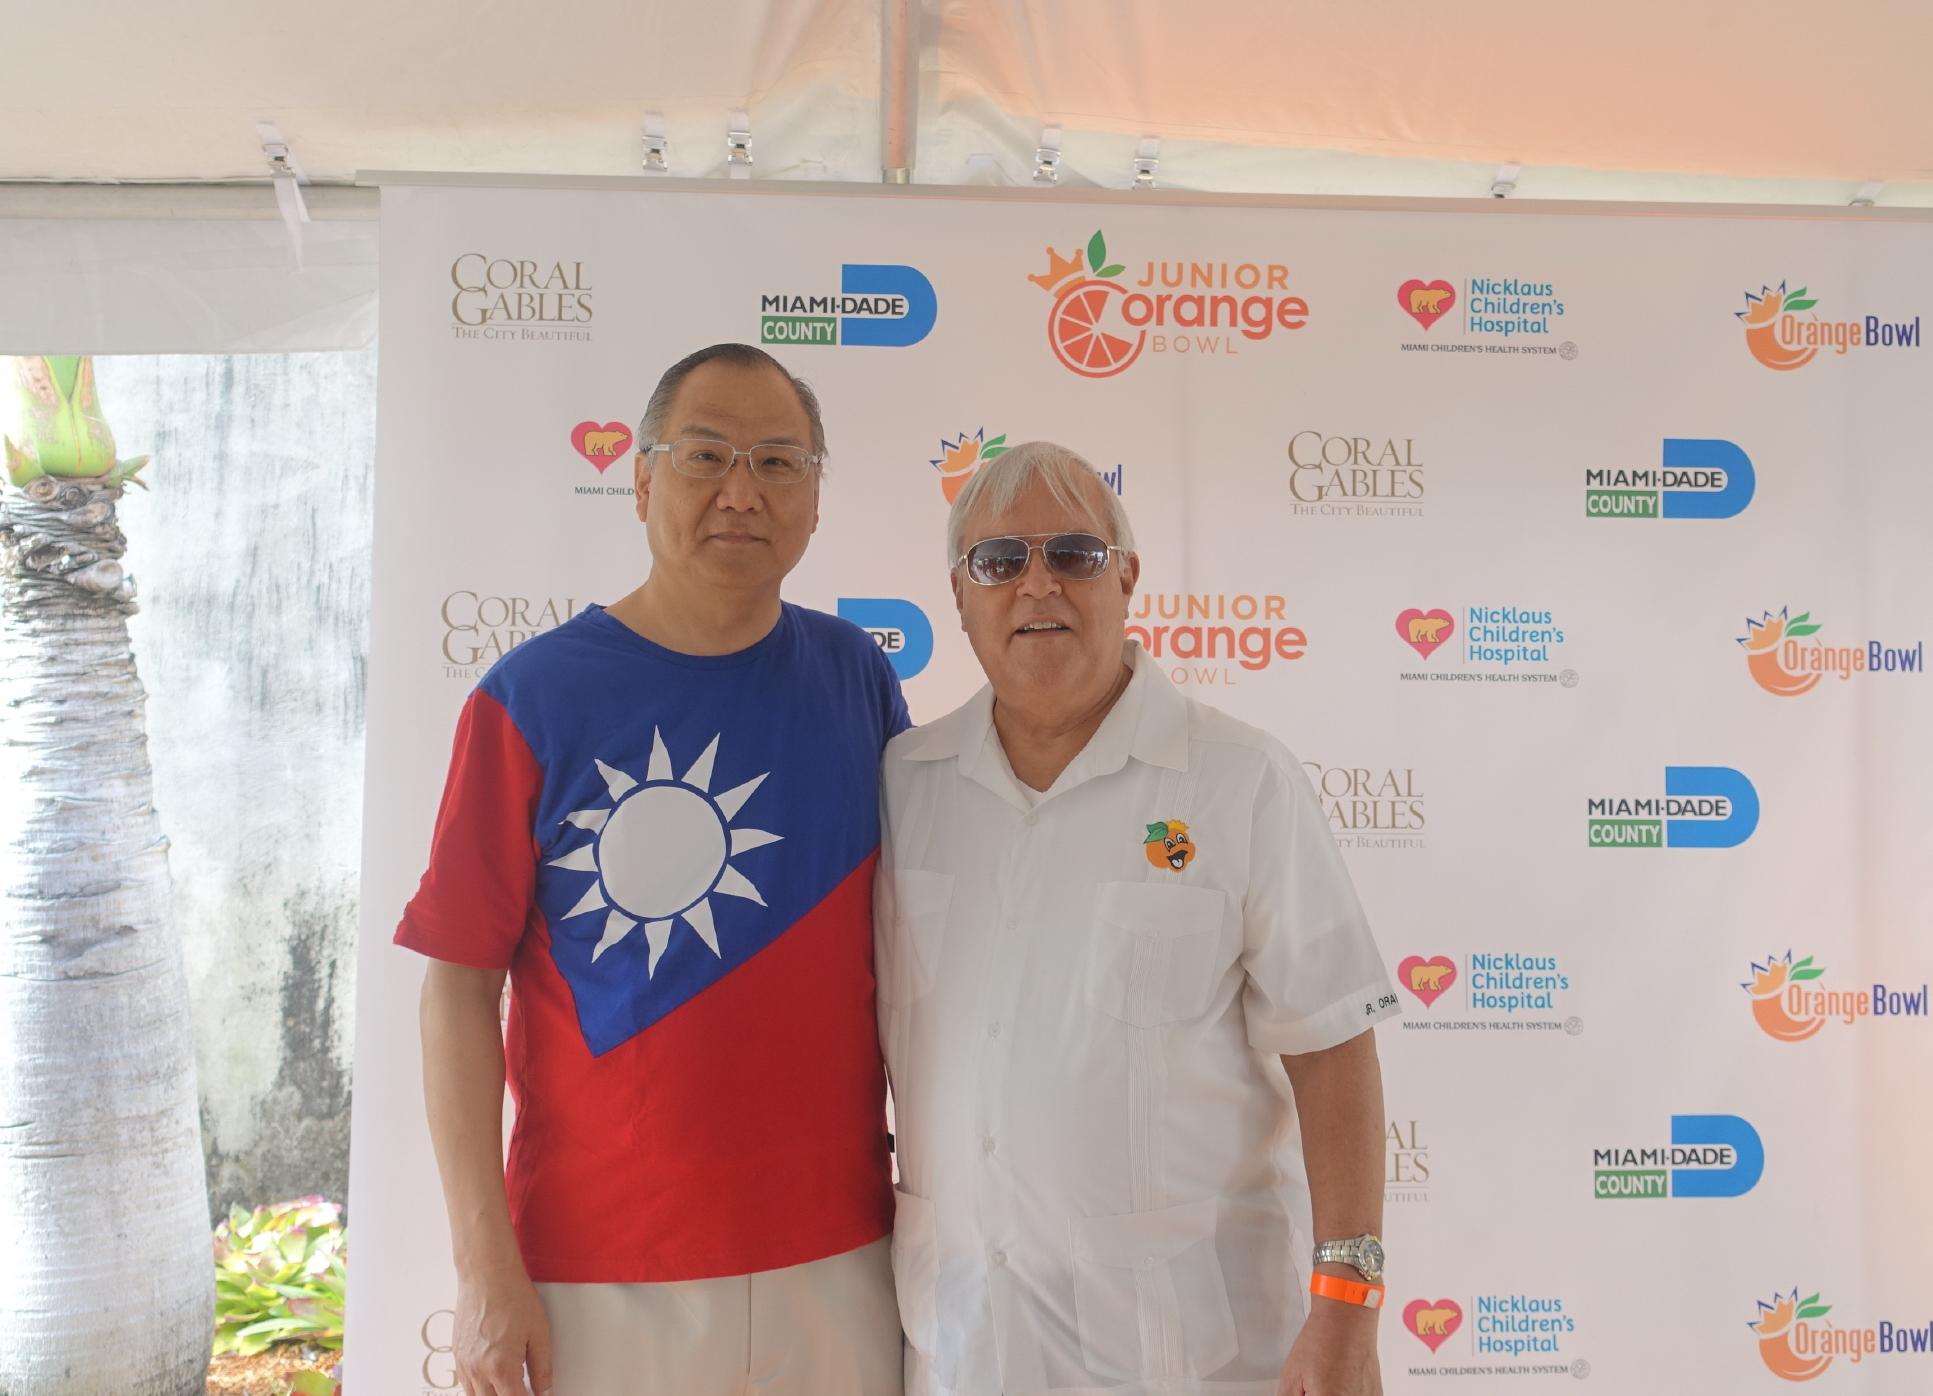 駐邁阿密台北經文處處長王贊禹(左)與珊瑚閣市長卡森(Jim Cason)合影。(孫博先提供)